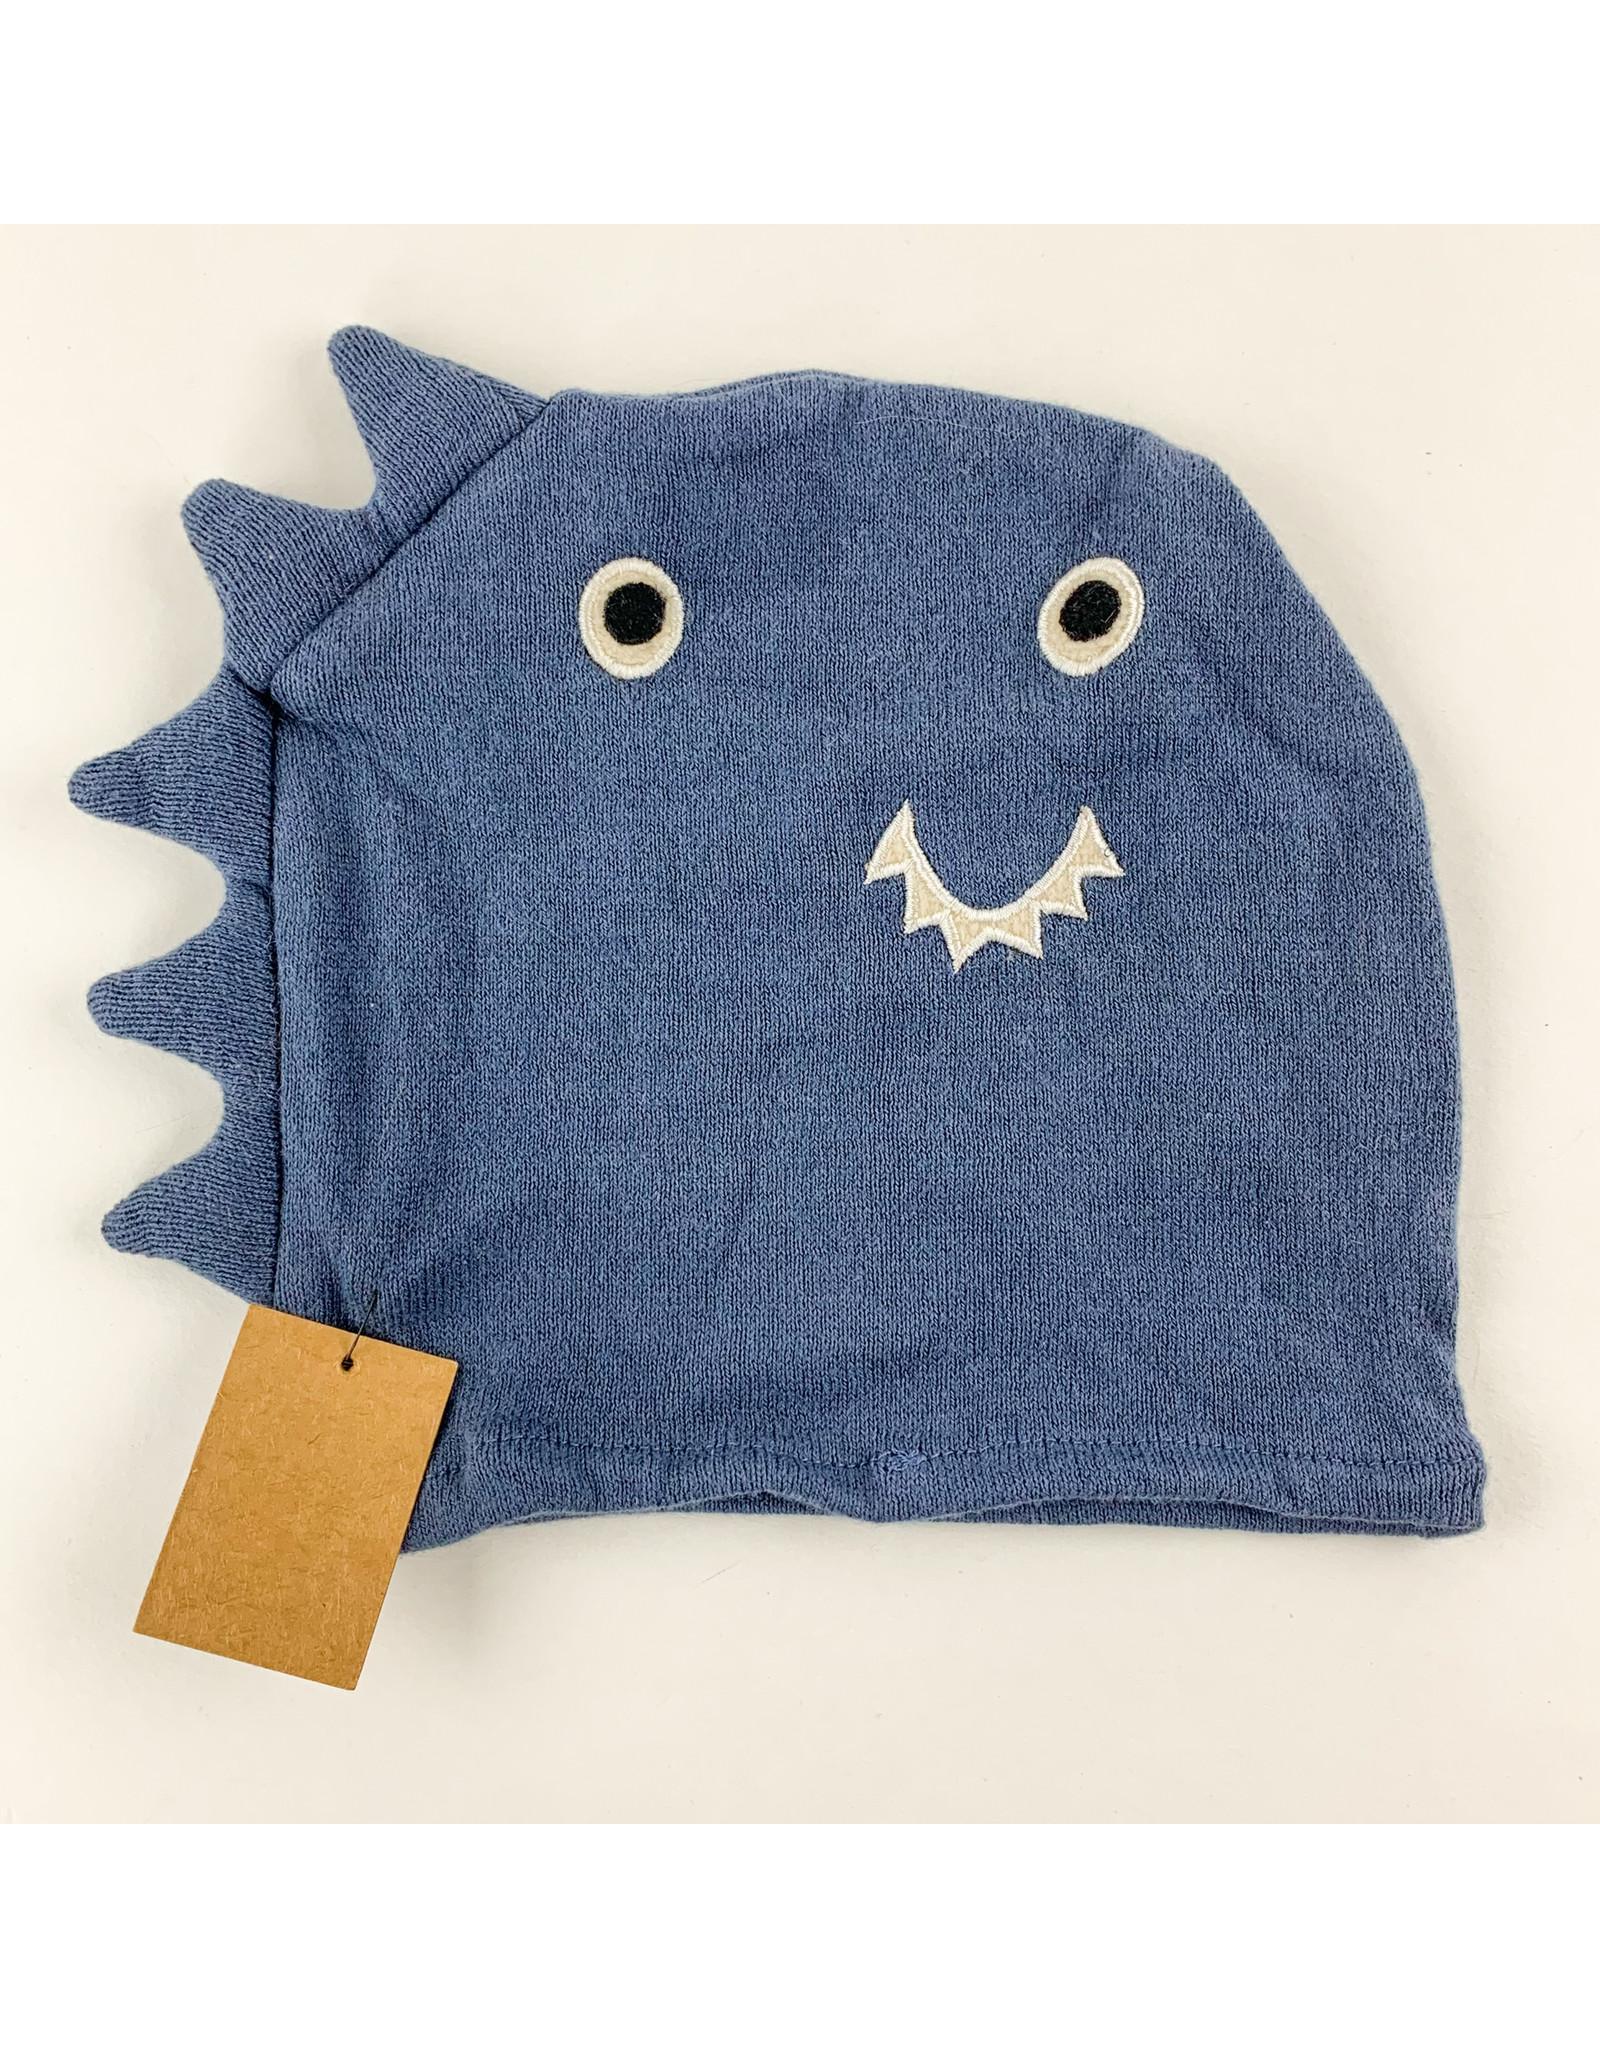 Creative Co-Op Cotton Knit Bath Mitt Blue Dinosaur